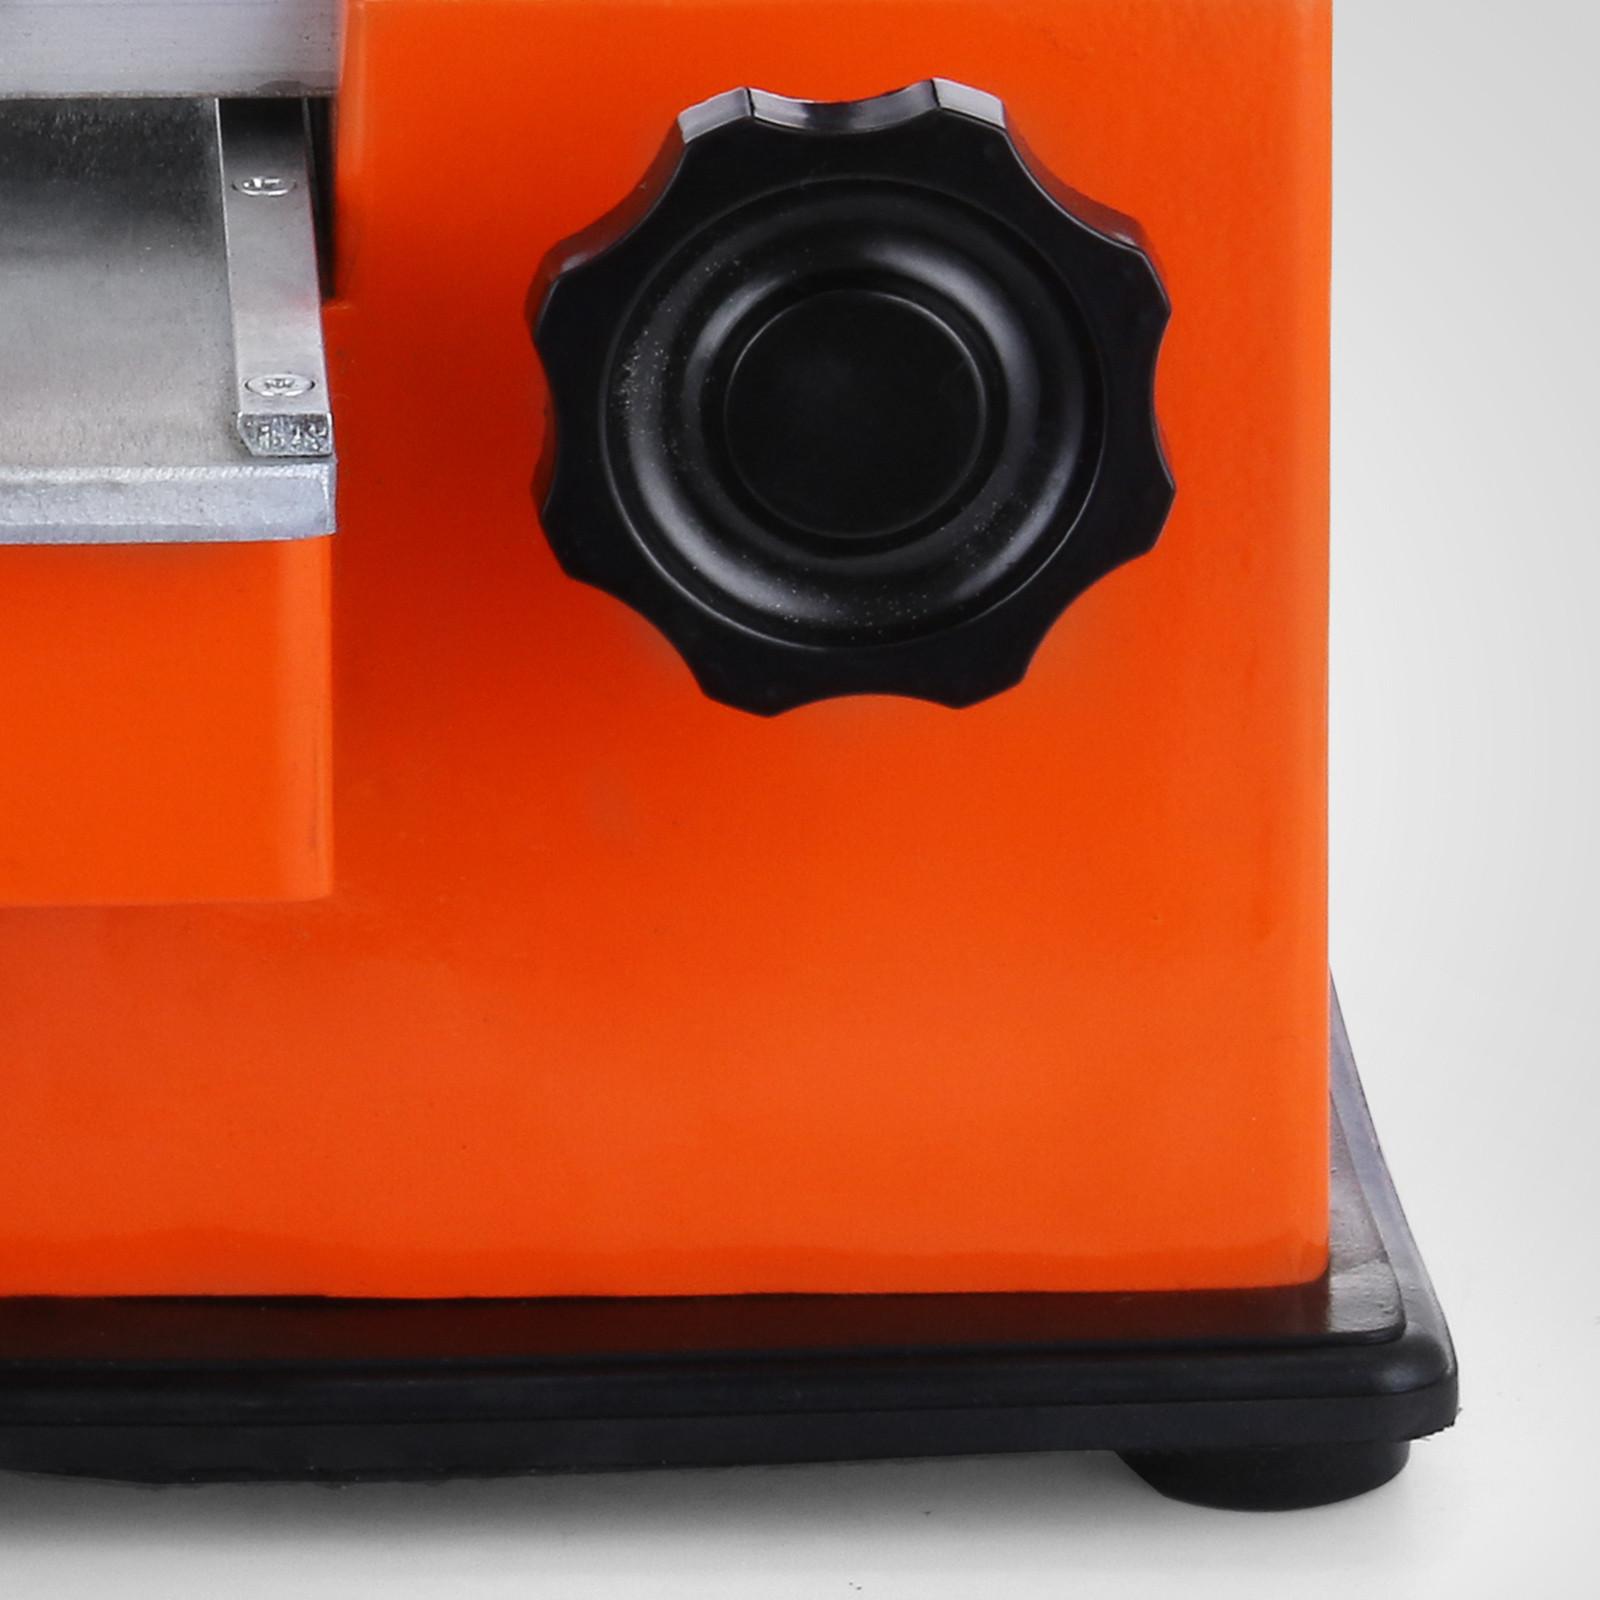 embossed printer machine